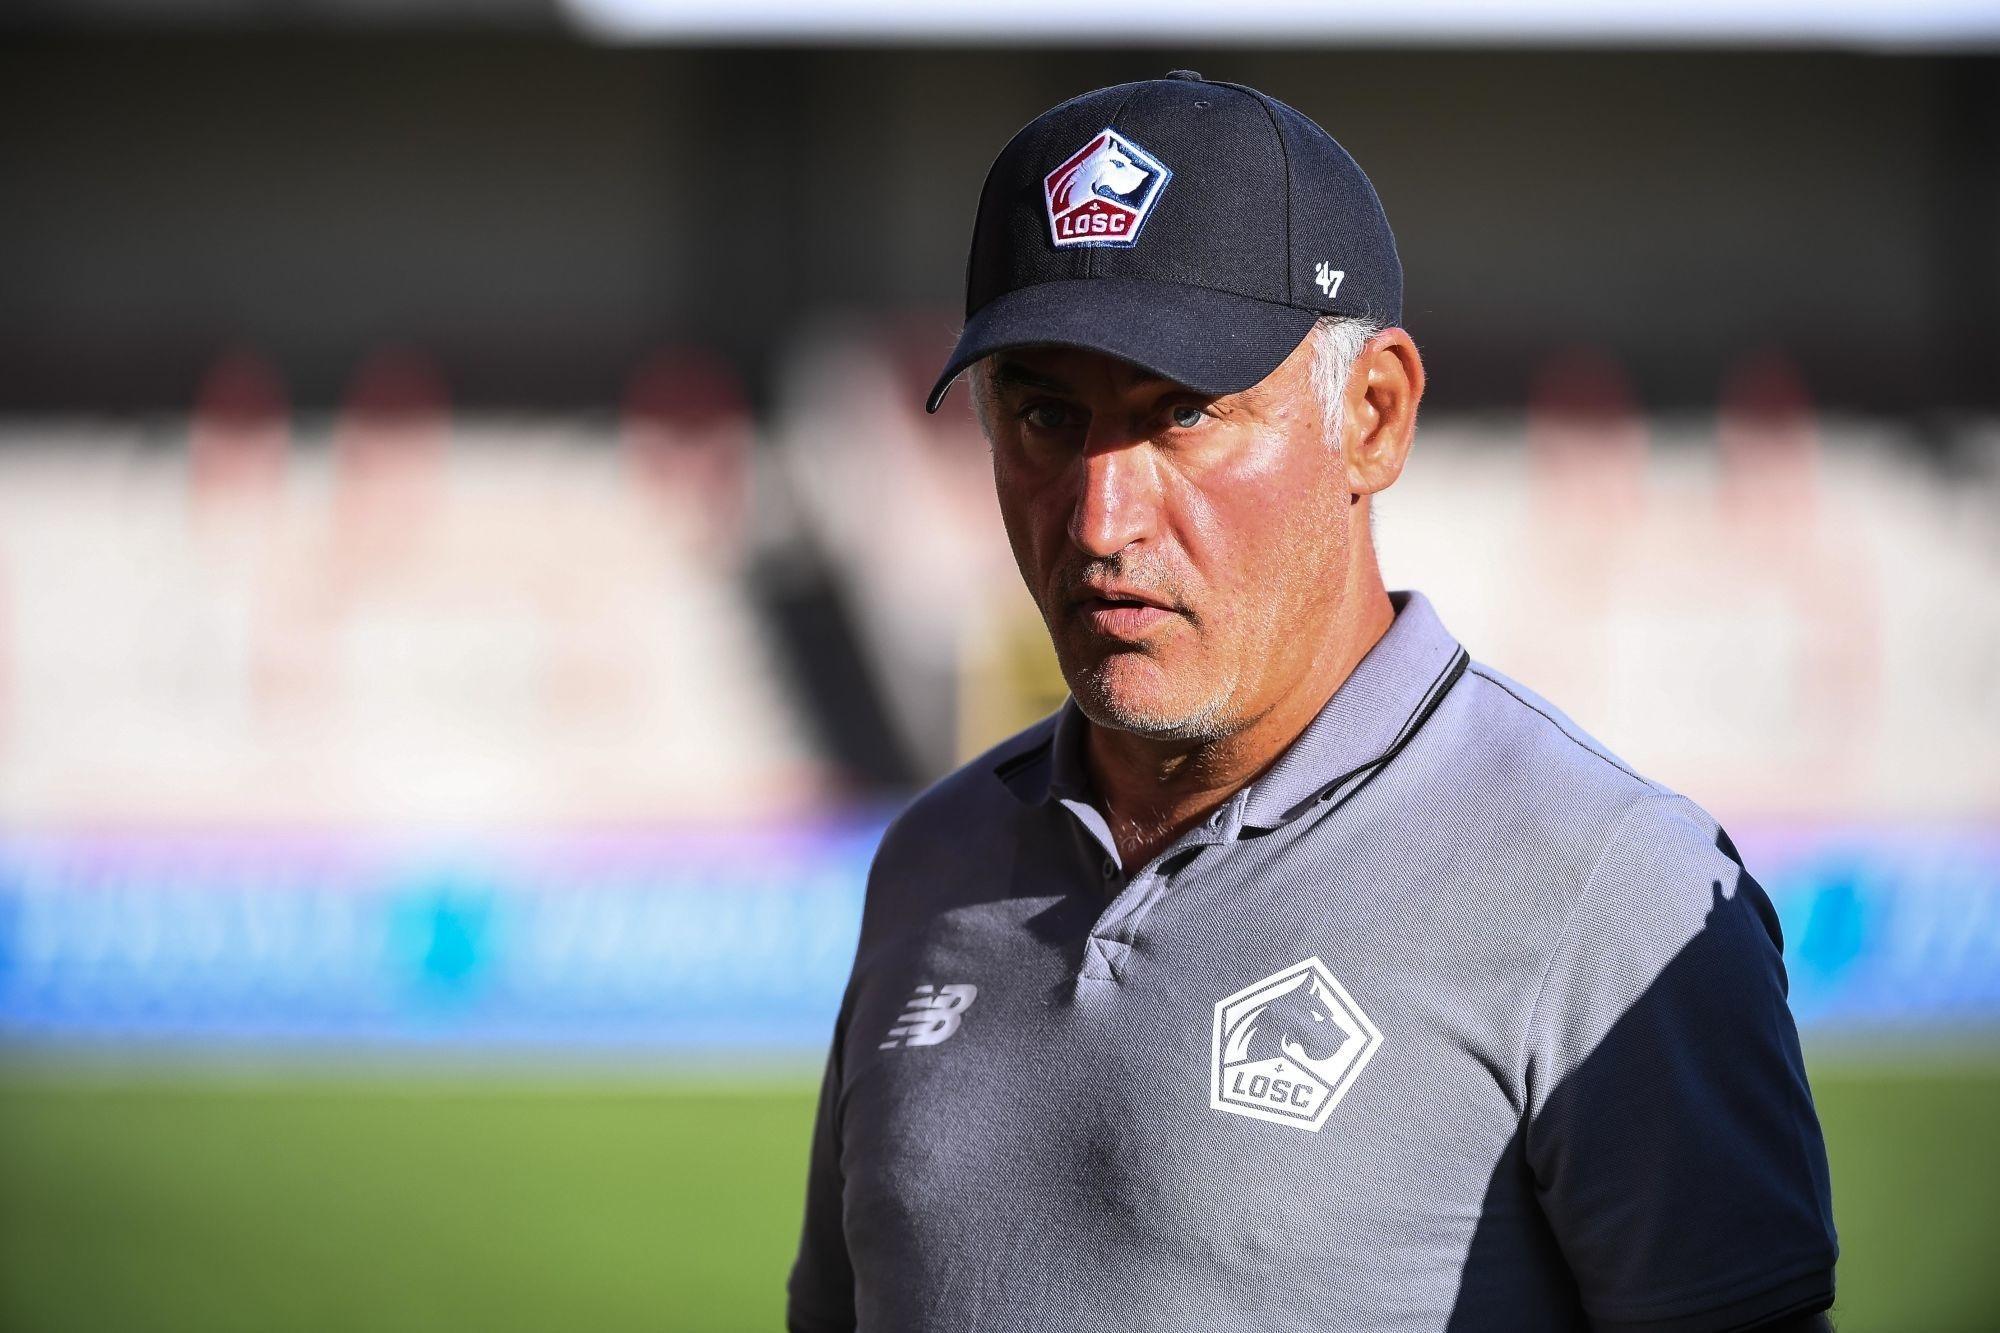 """Ligue 1 - Galtier pense que """"le PSG gagnera les 3 prochains matchs"""""""